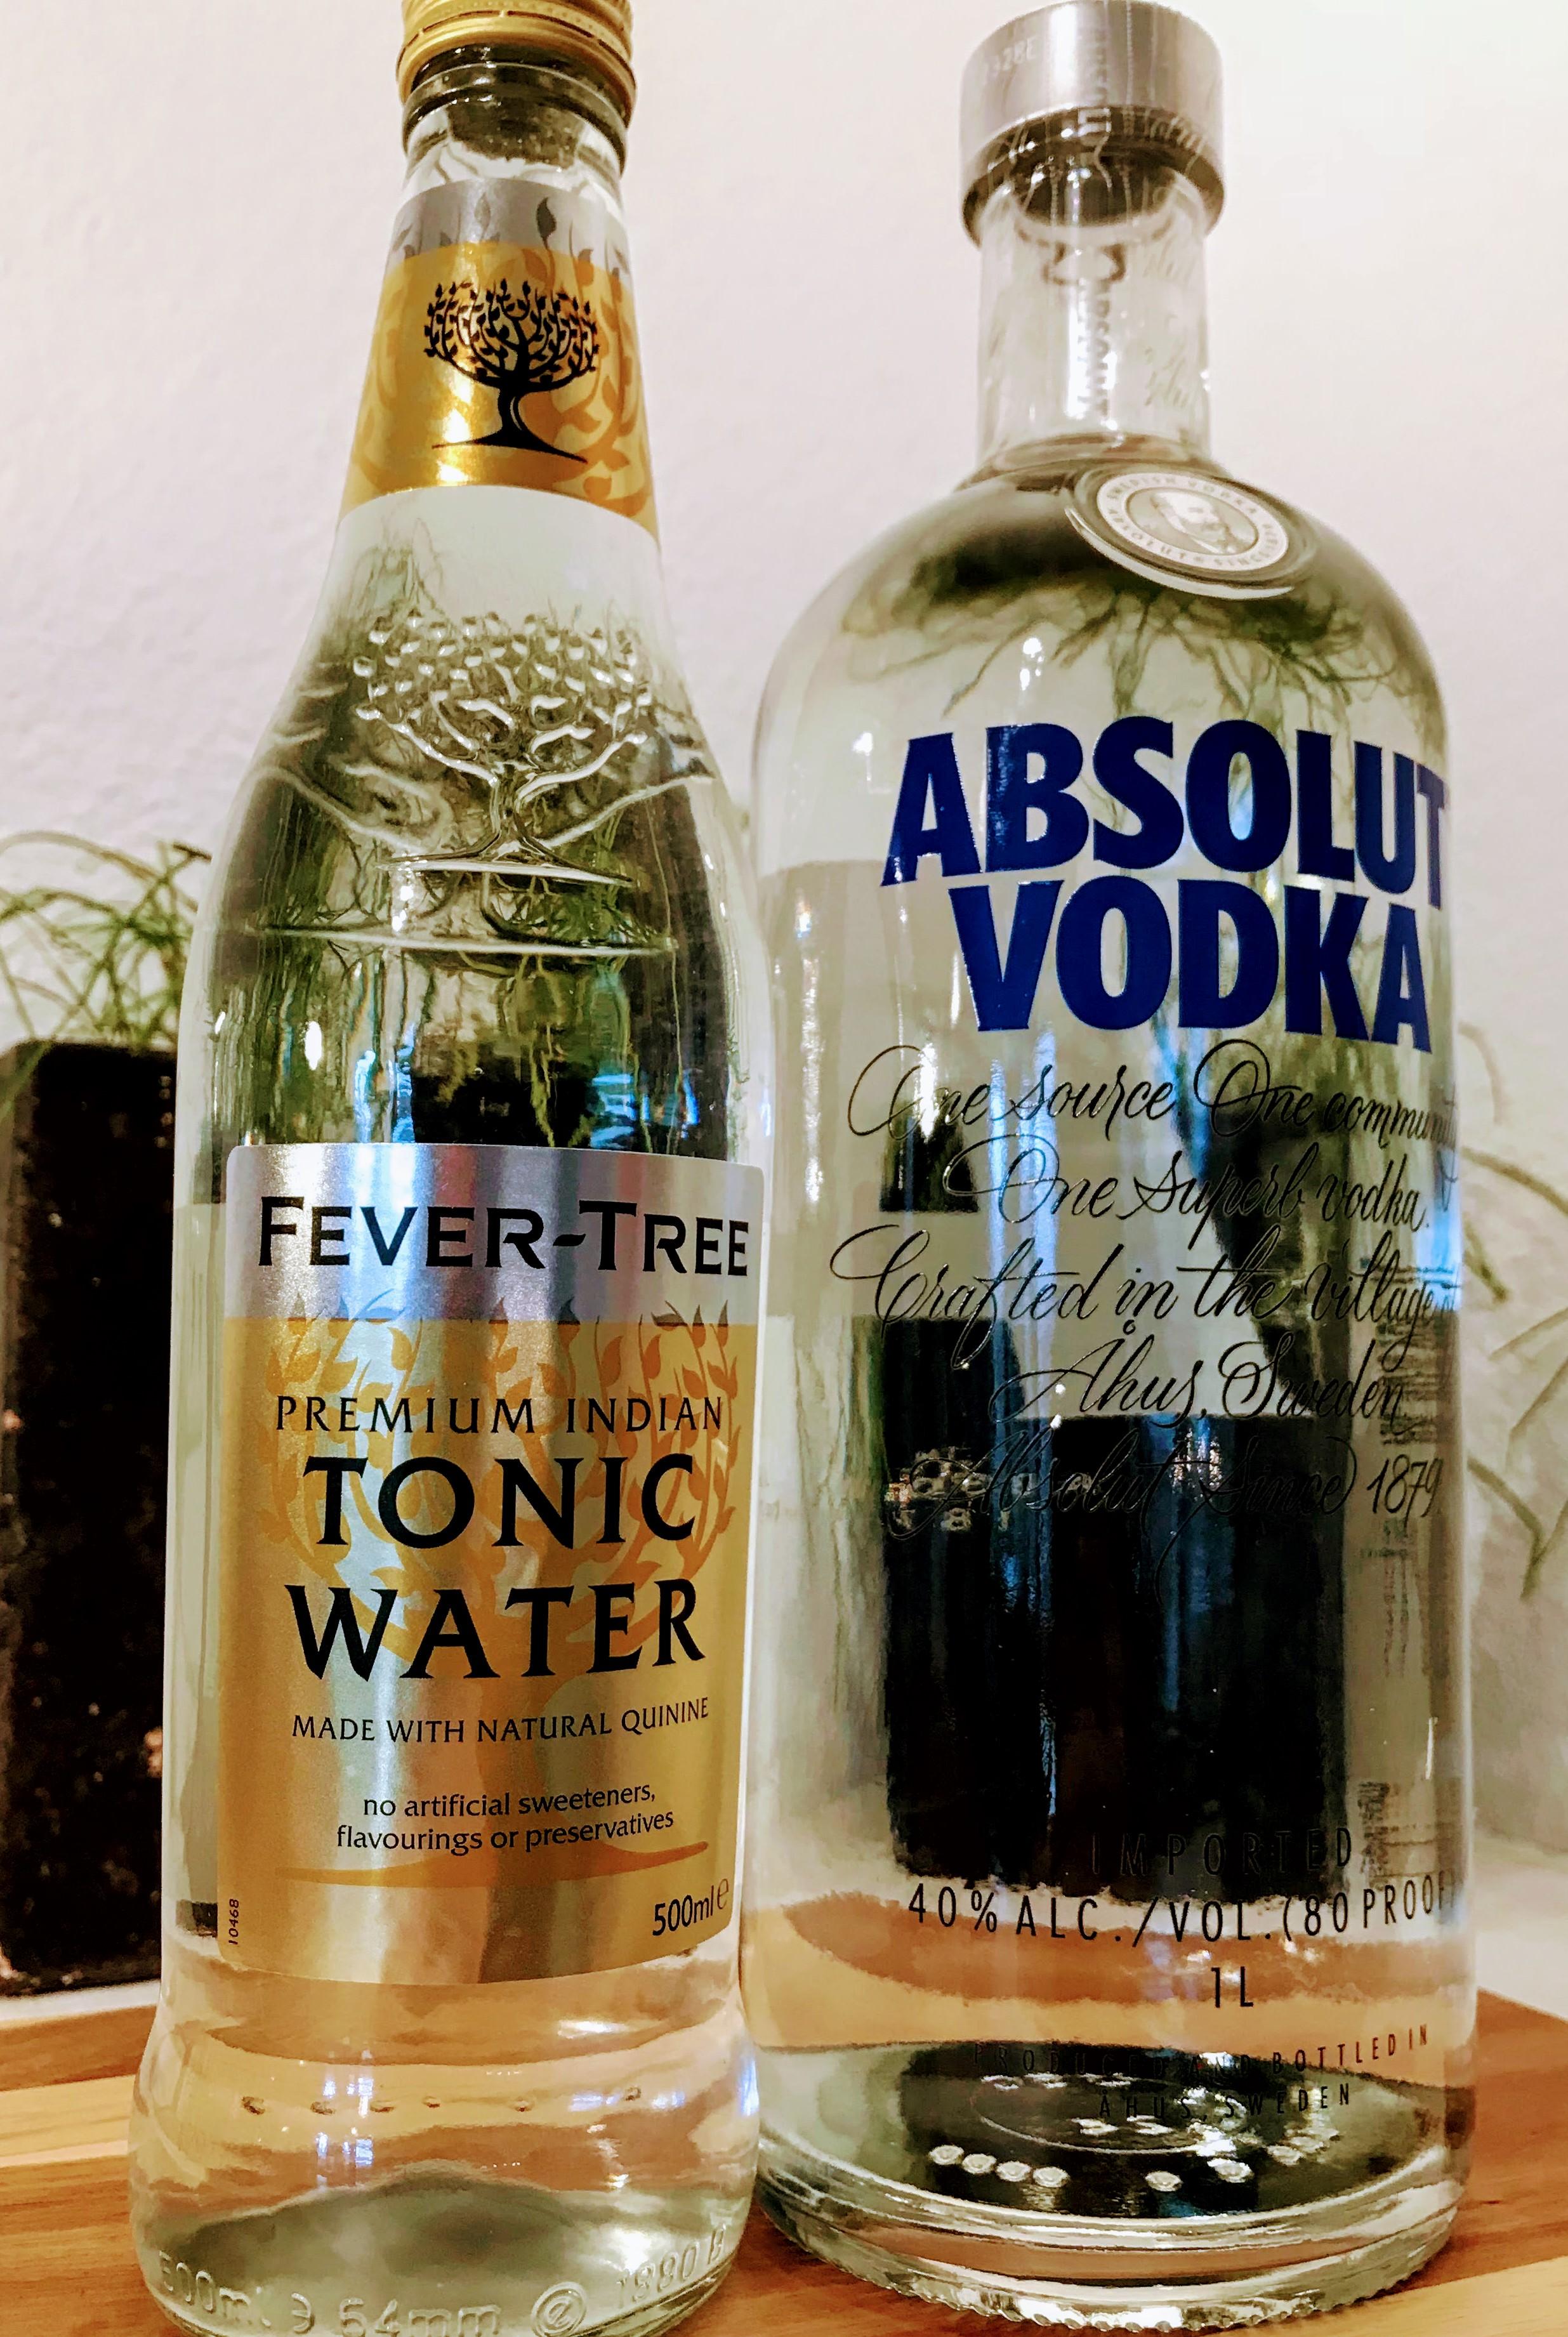 afbeelding van fles Fever Tree Tonic Water en een fles Absolut Wodka